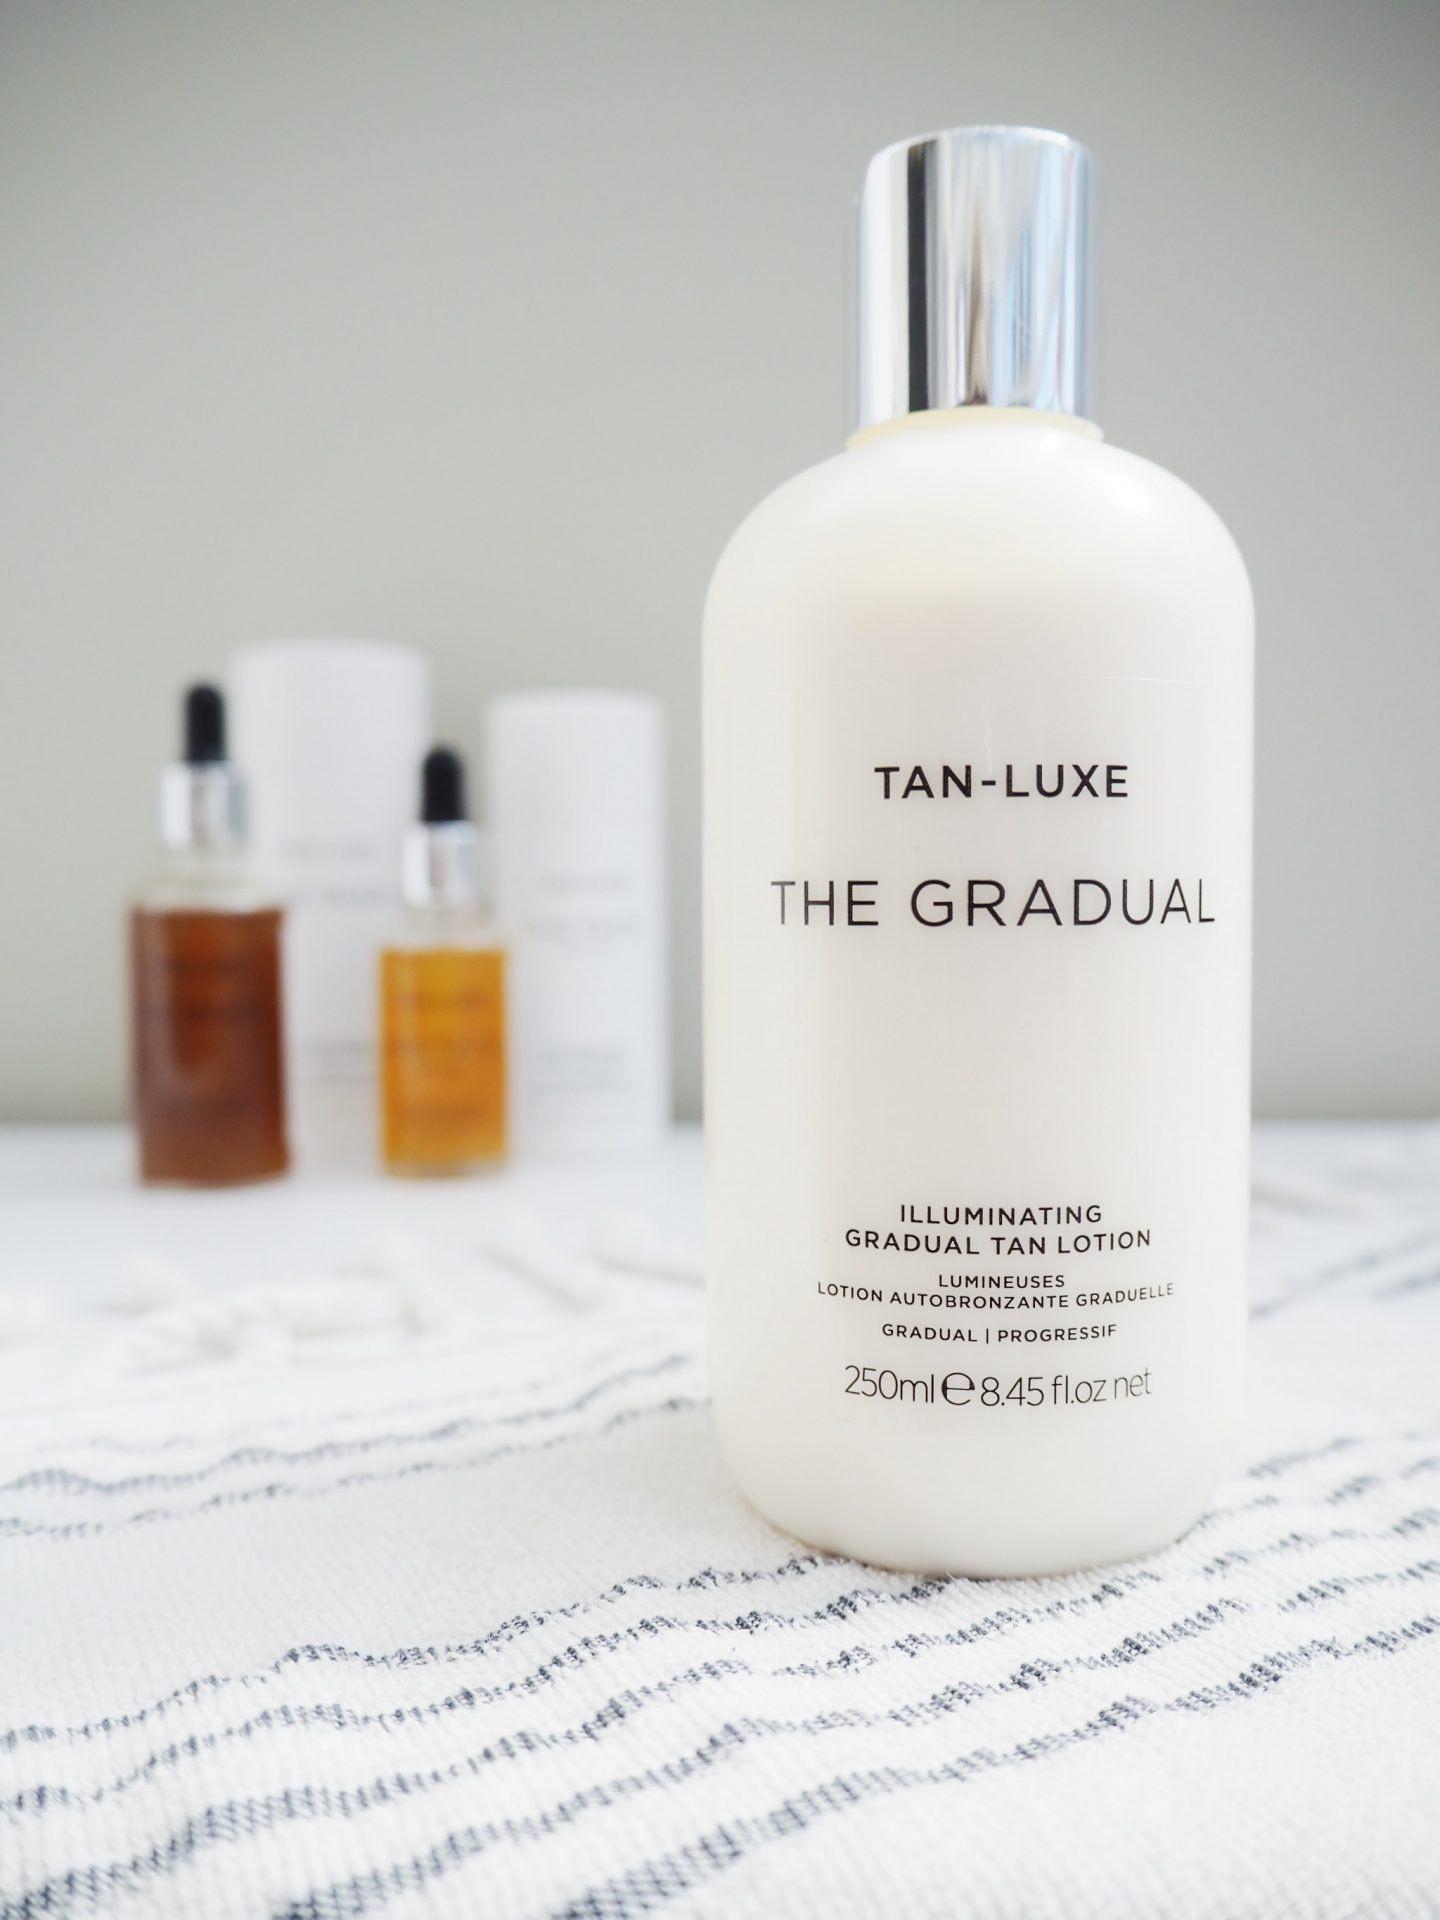 Tan-Luxe The Gradual Review - Hayley Wells in 2020 | Tan